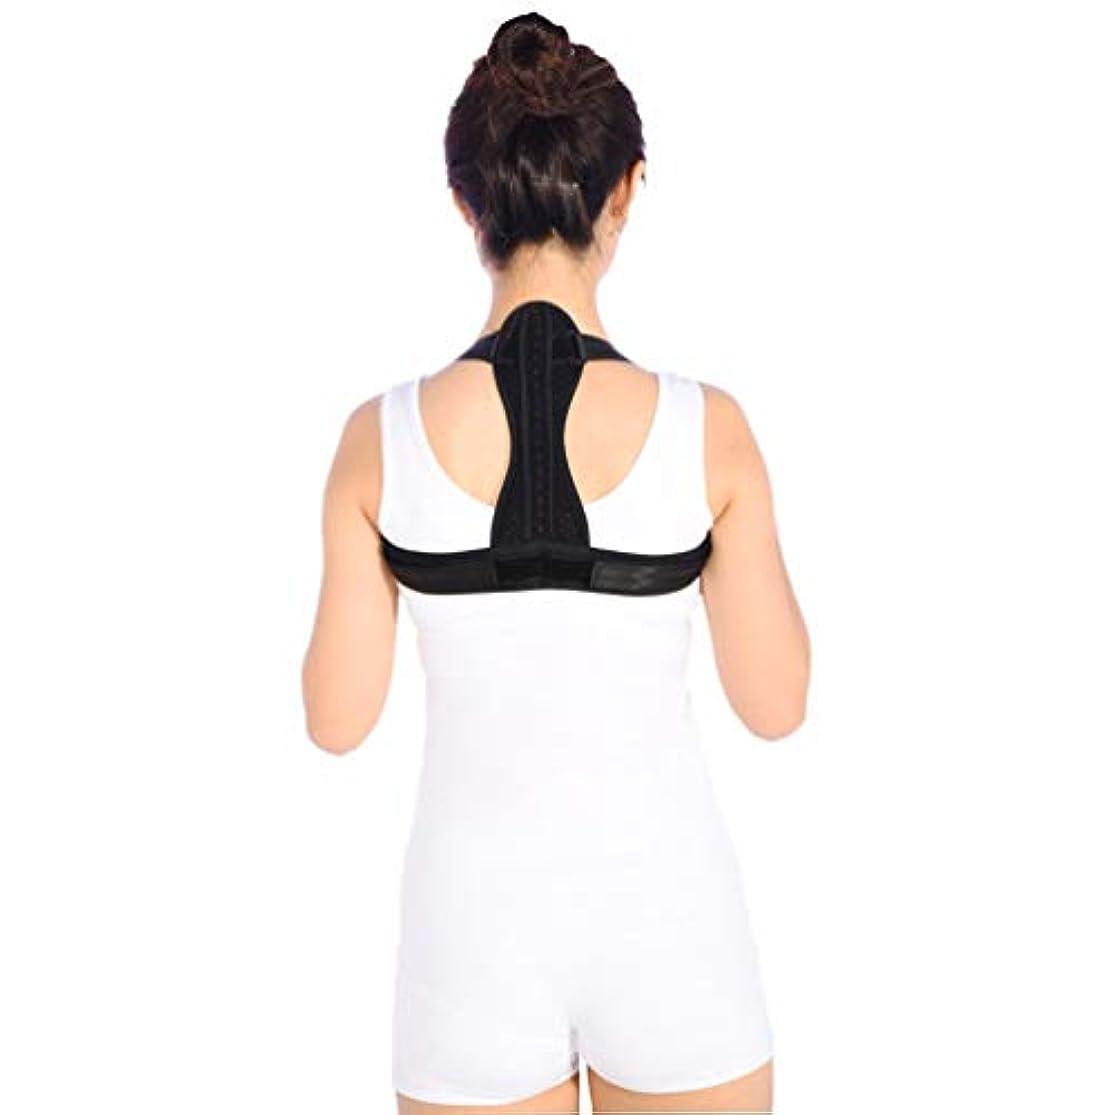 ベース巨大南通気性の脊柱側弯症ザトウクジラ補正ベルト調節可能な快適さ目に見えないベルト男性女性大人学生子供 - 黒